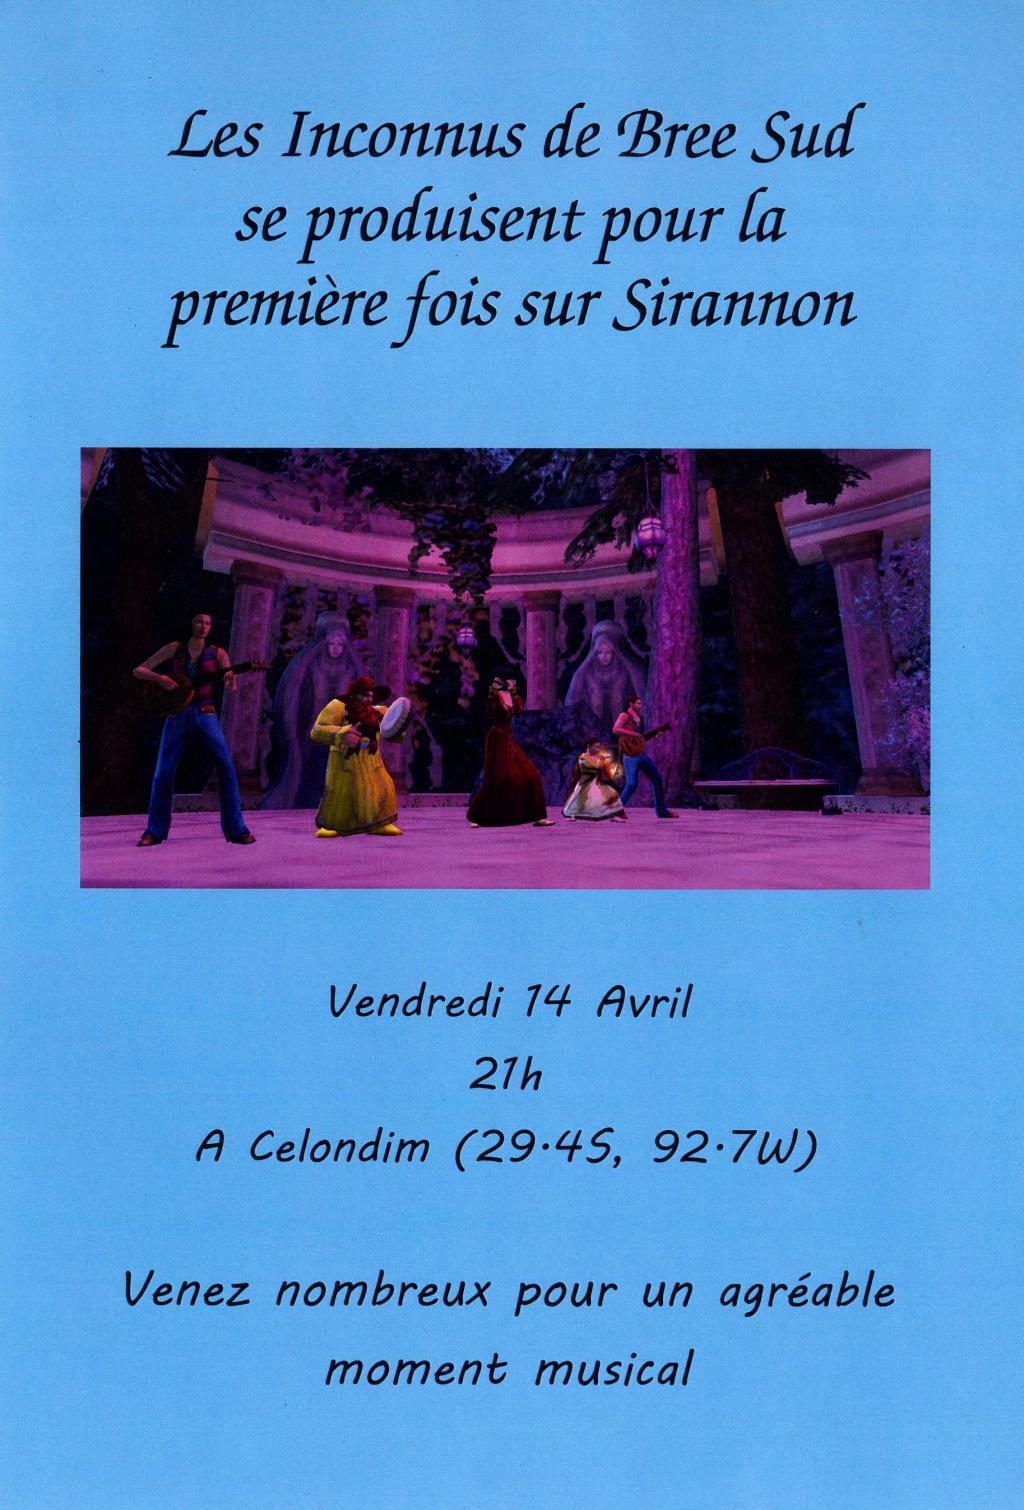 http://img110.xooimage.com/files/b/8/4/concert-14-avril-51e52f0.jpg